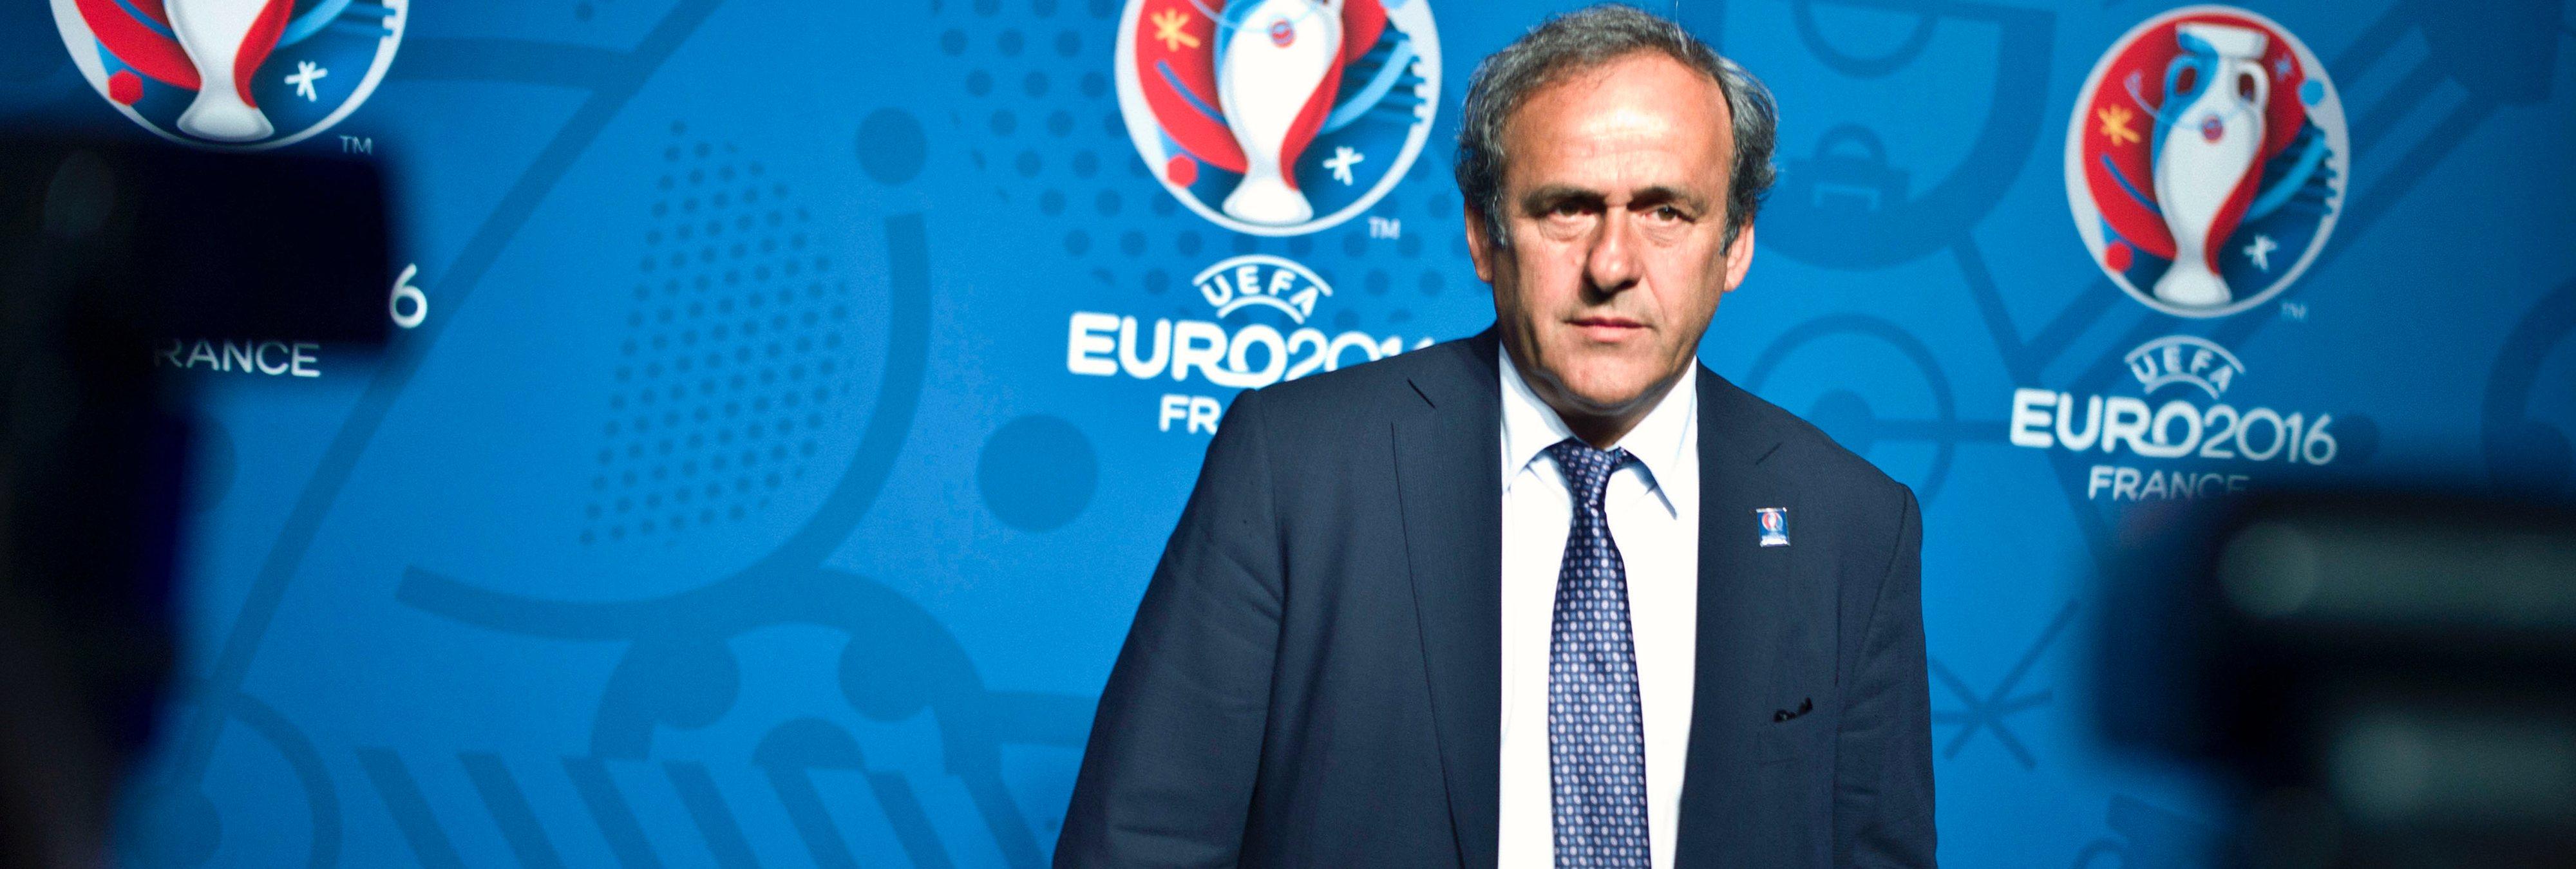 Detienen al expresidente de la UEFA por la concesión del mundial de fútbol a Qatar en 2022